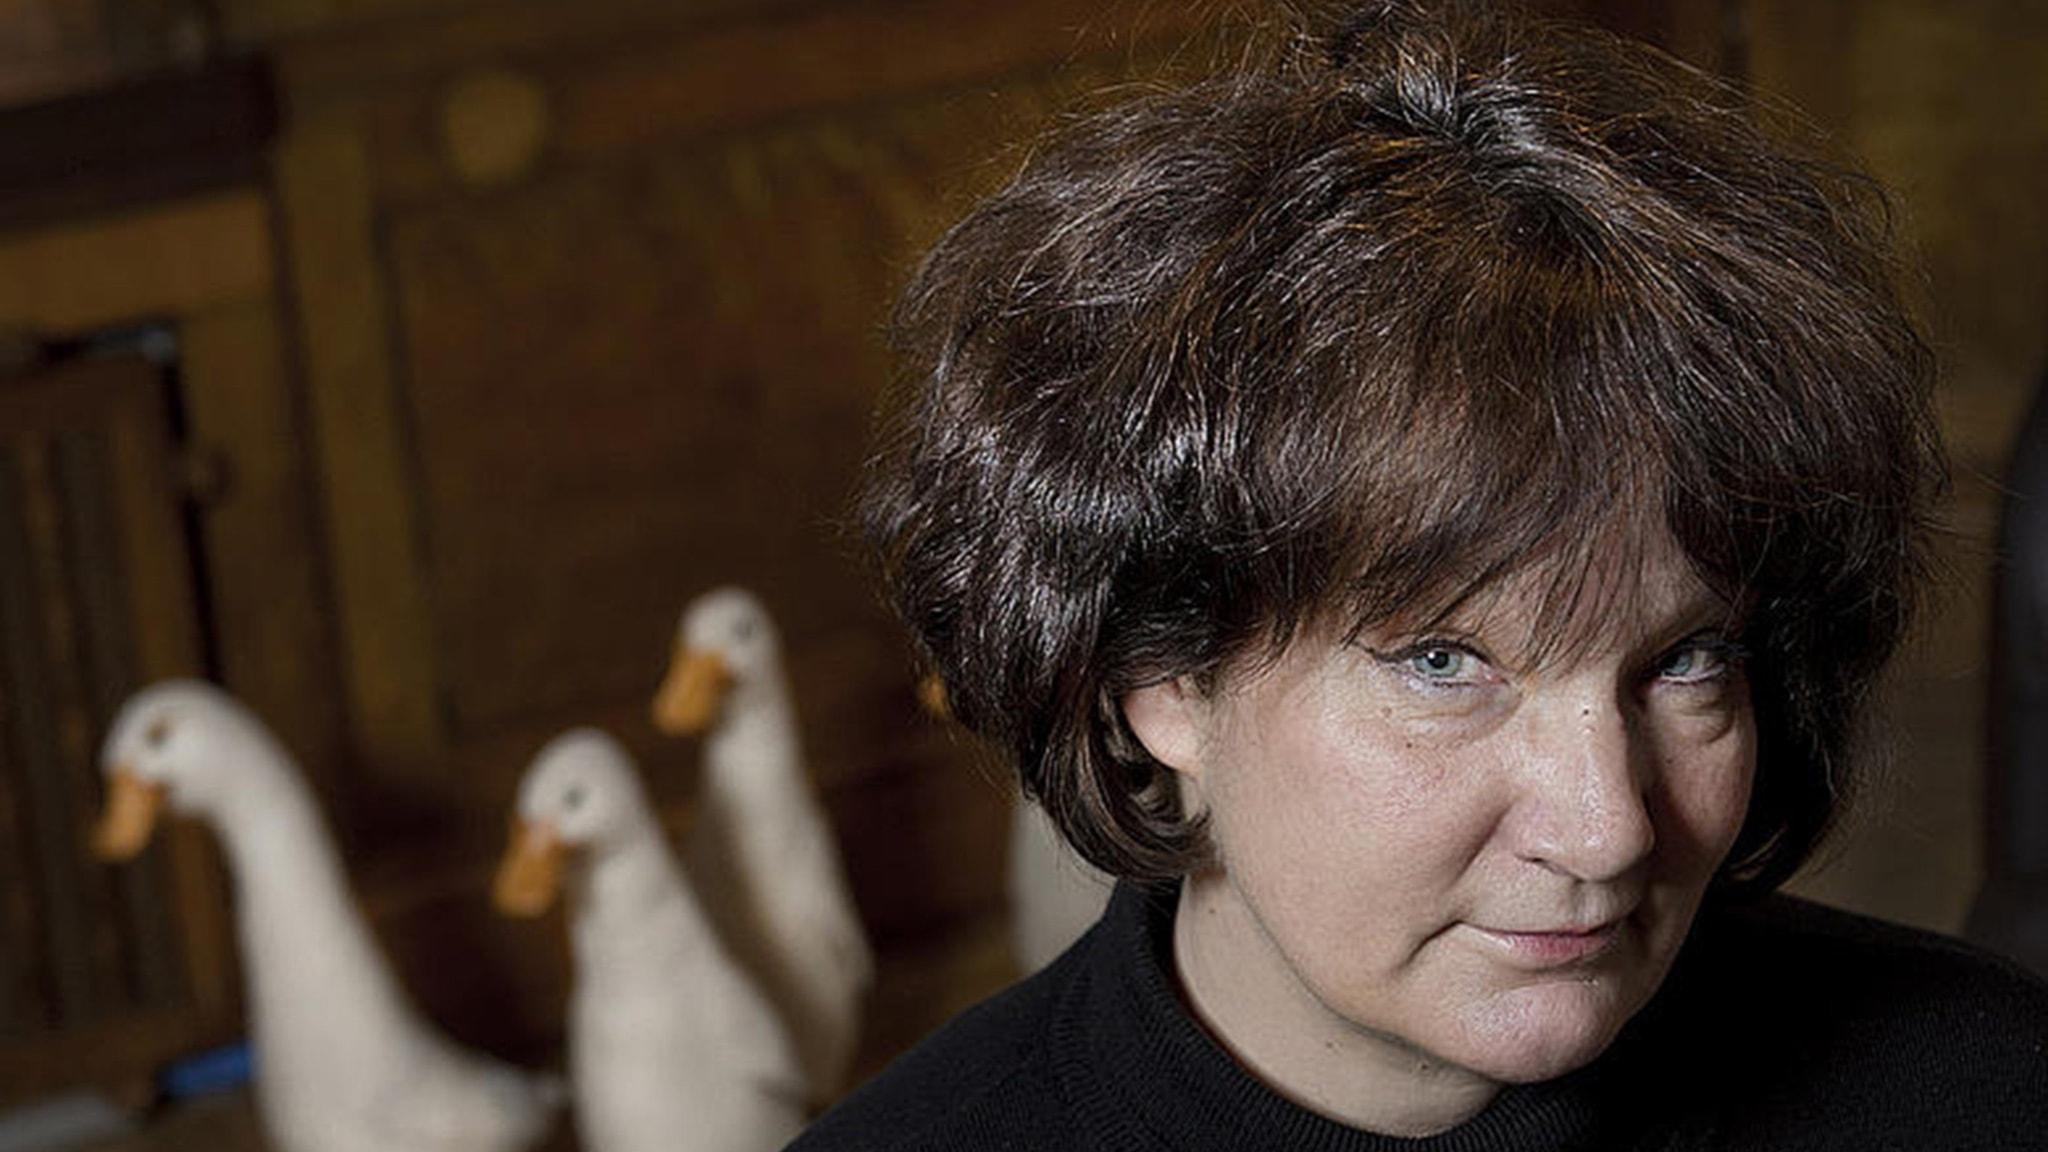 Lundströms Bokradio special: Monika Fagerholms värld